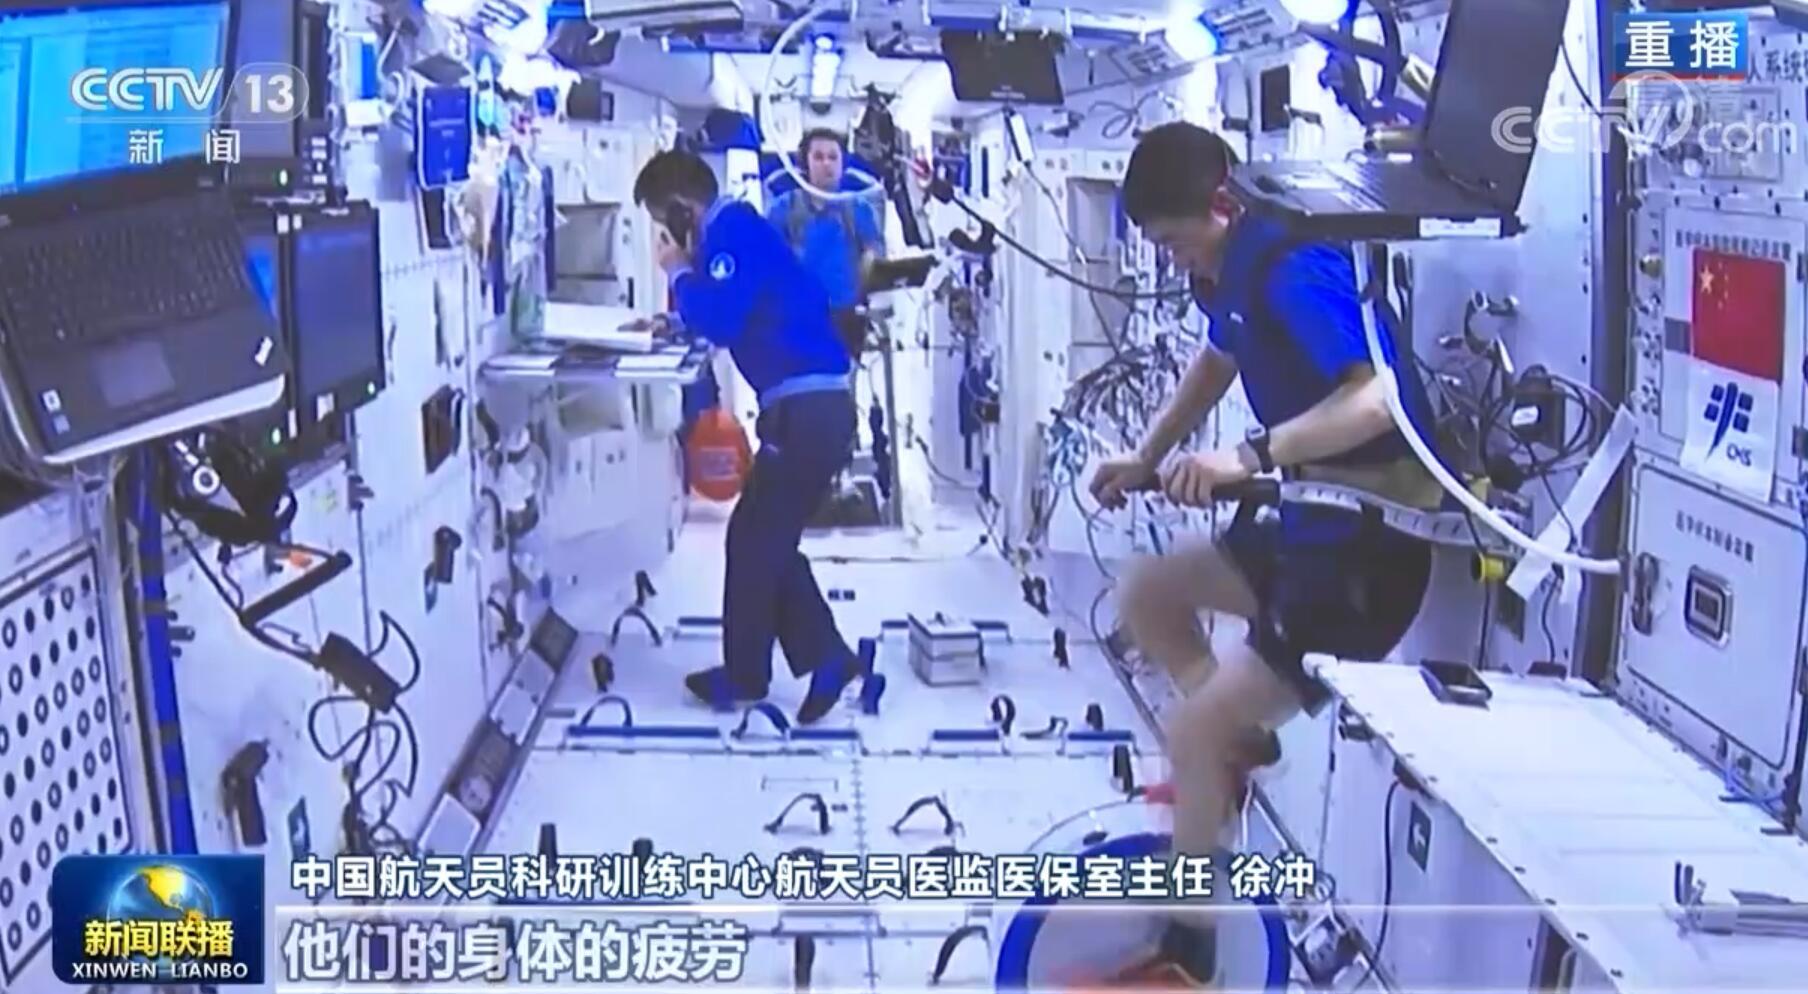 航天员在轨一个月 多项空间科学实验陆续展开